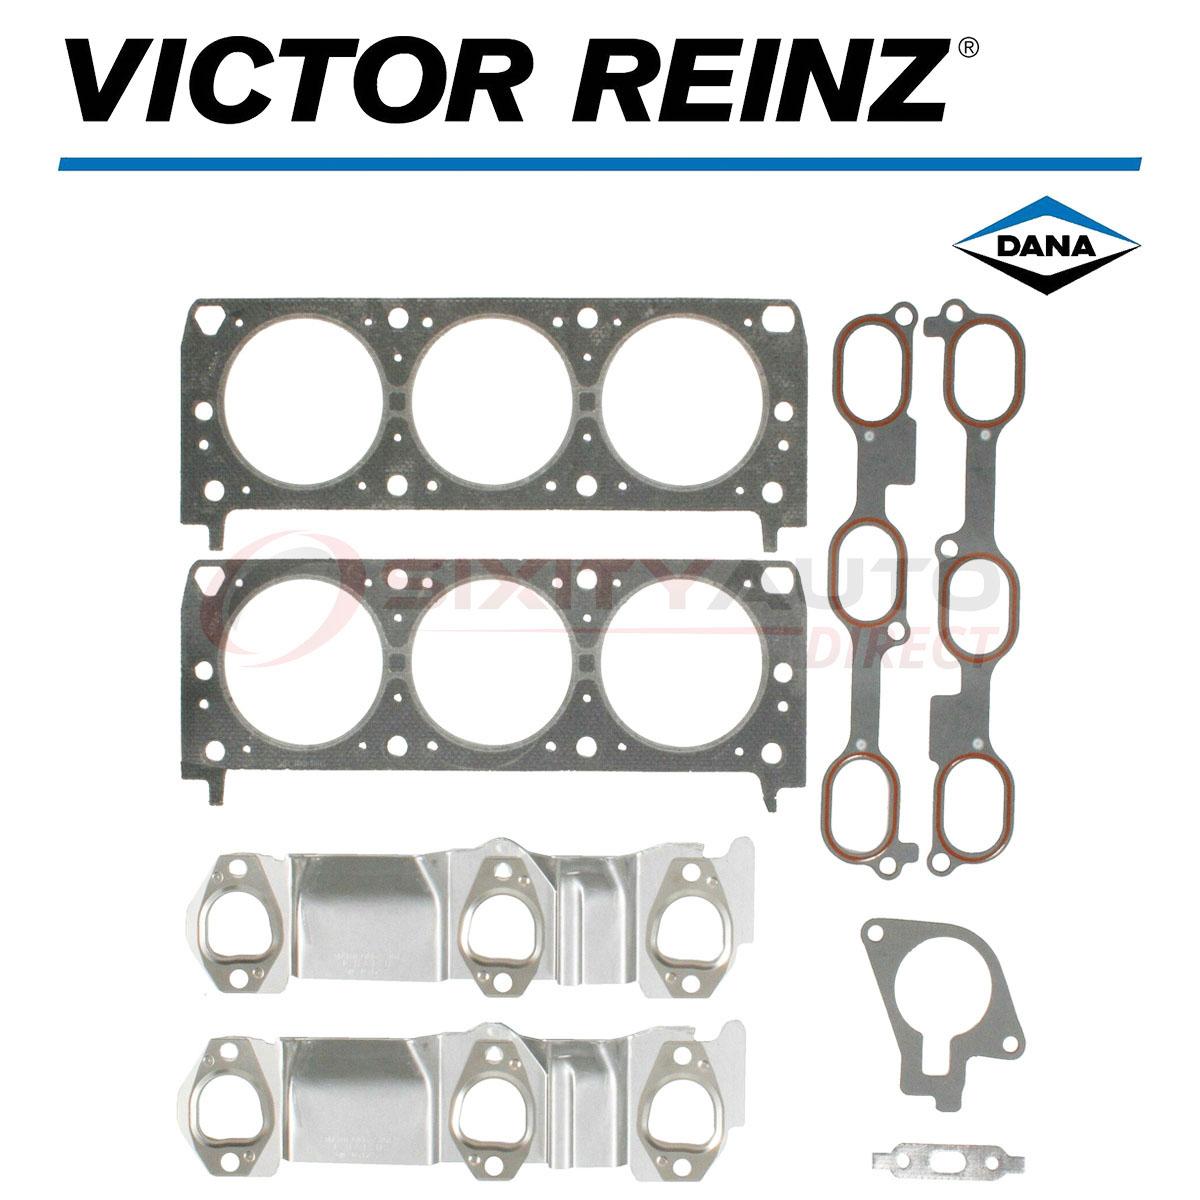 Victor Reinz Cylinder Head Gasket Set For 2000